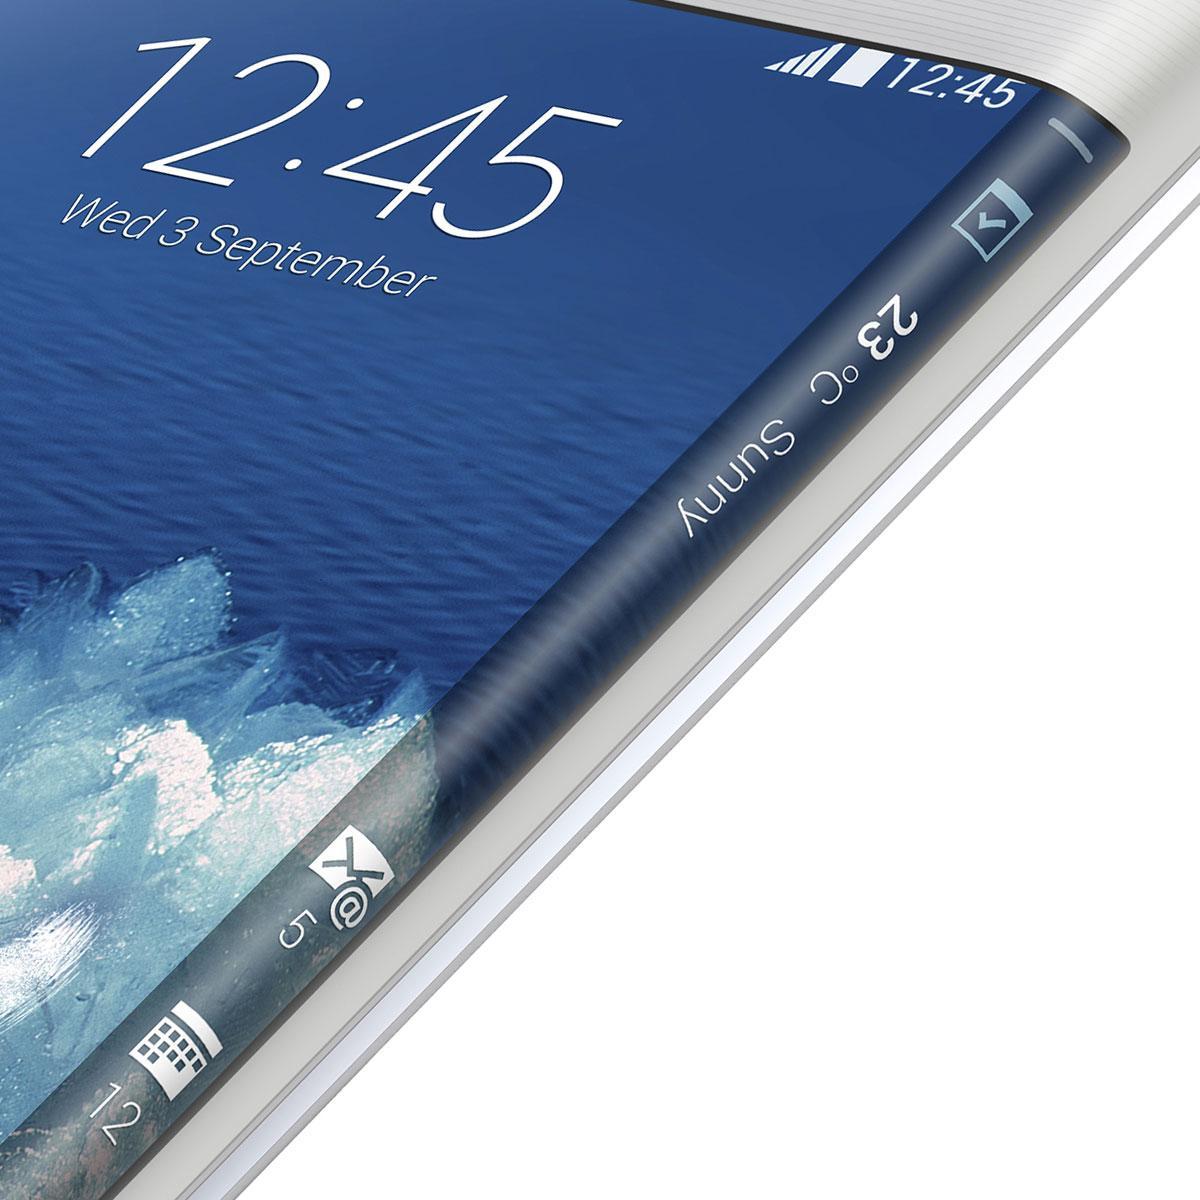 Detalle de la pantalla curvada del Samsung Galaxy Note Edge